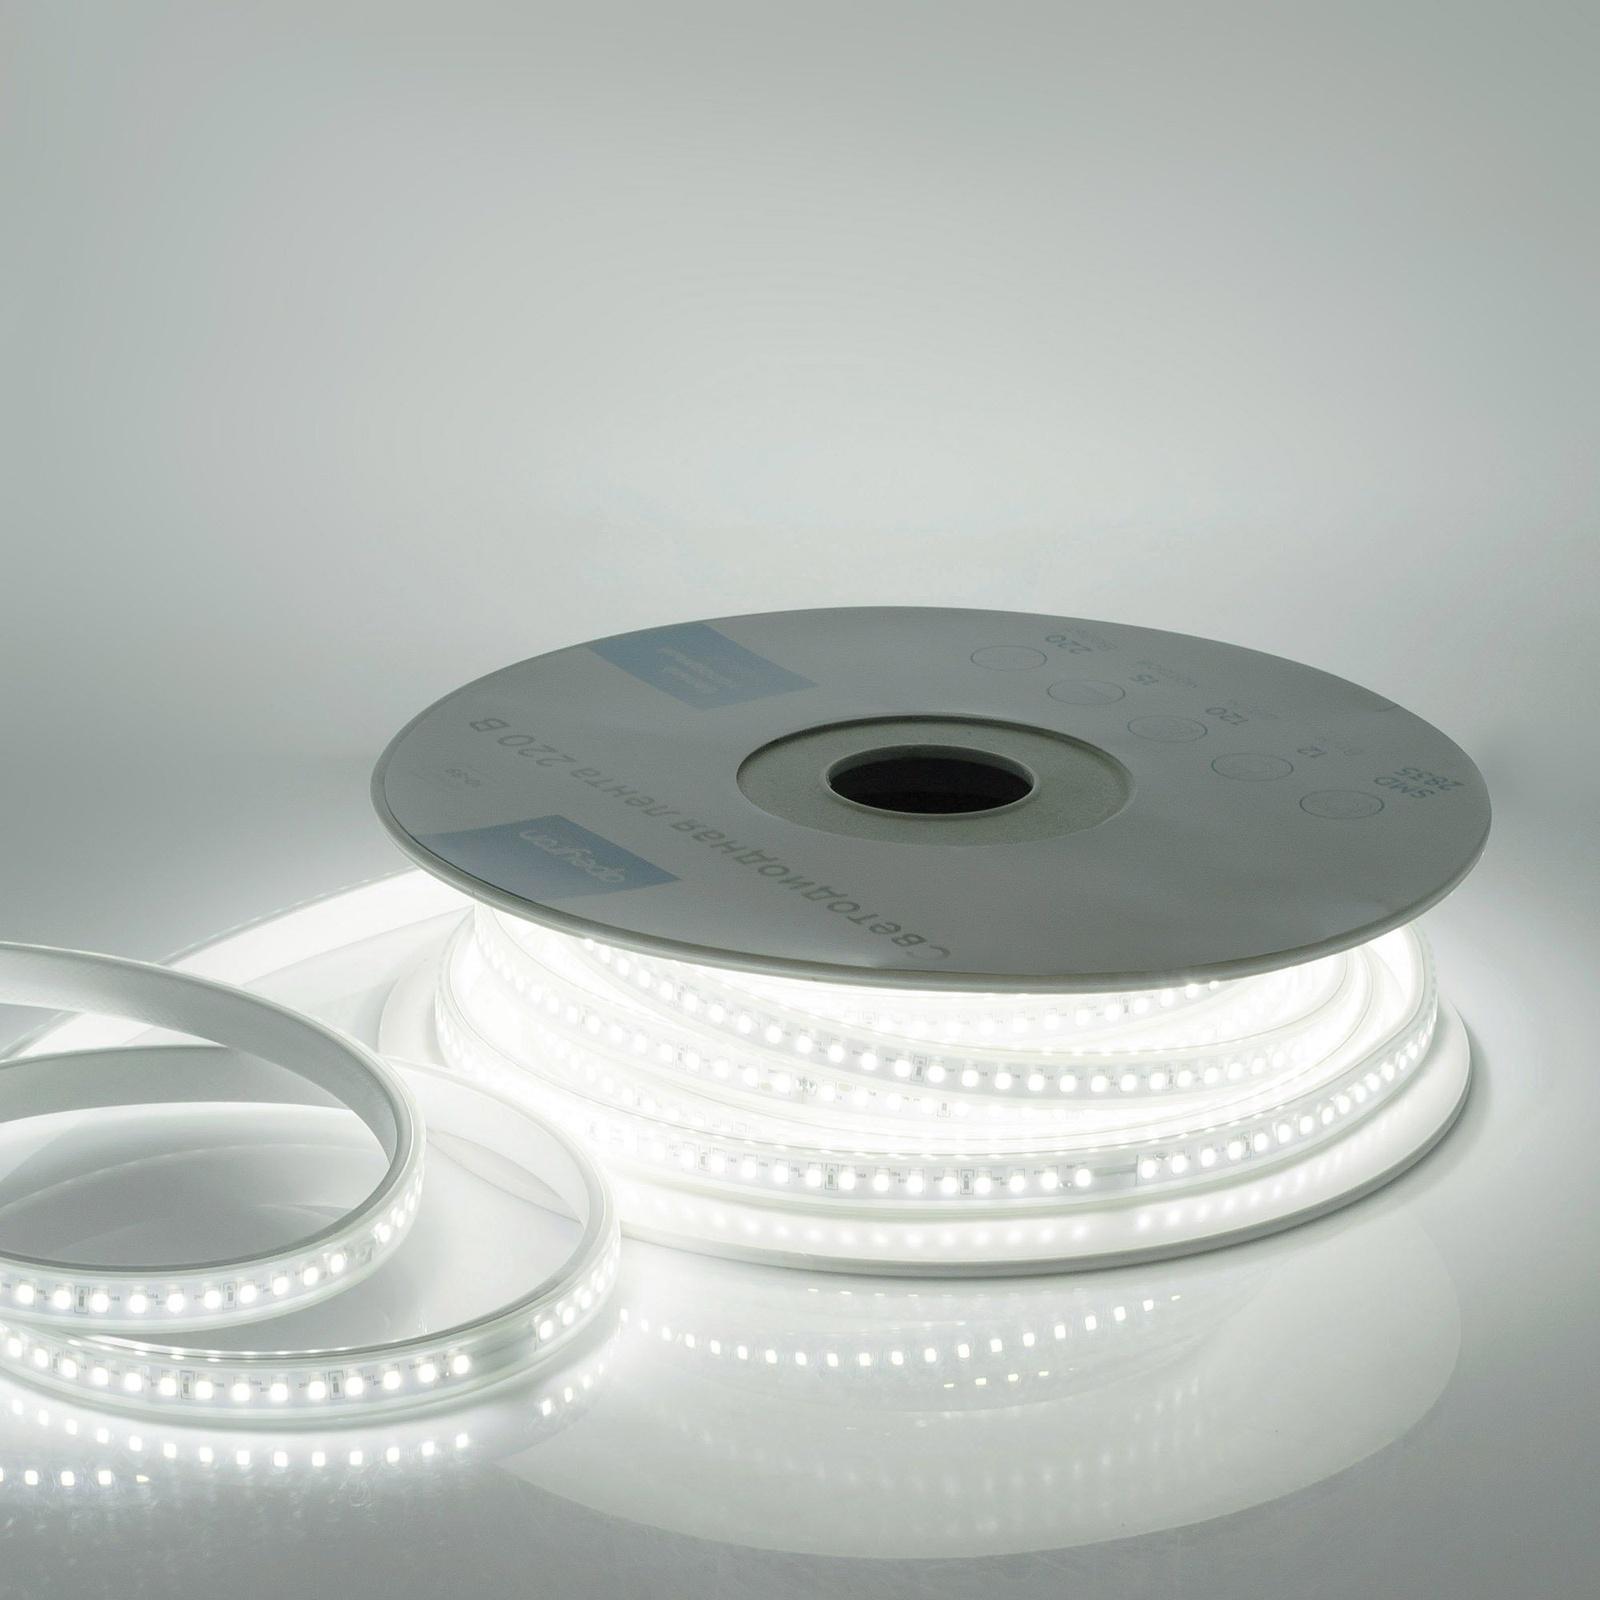 Светодиодная лента APEYRON electrics Комплект, 10-59 светодиодная лента apeyron electrics комплект 10 14